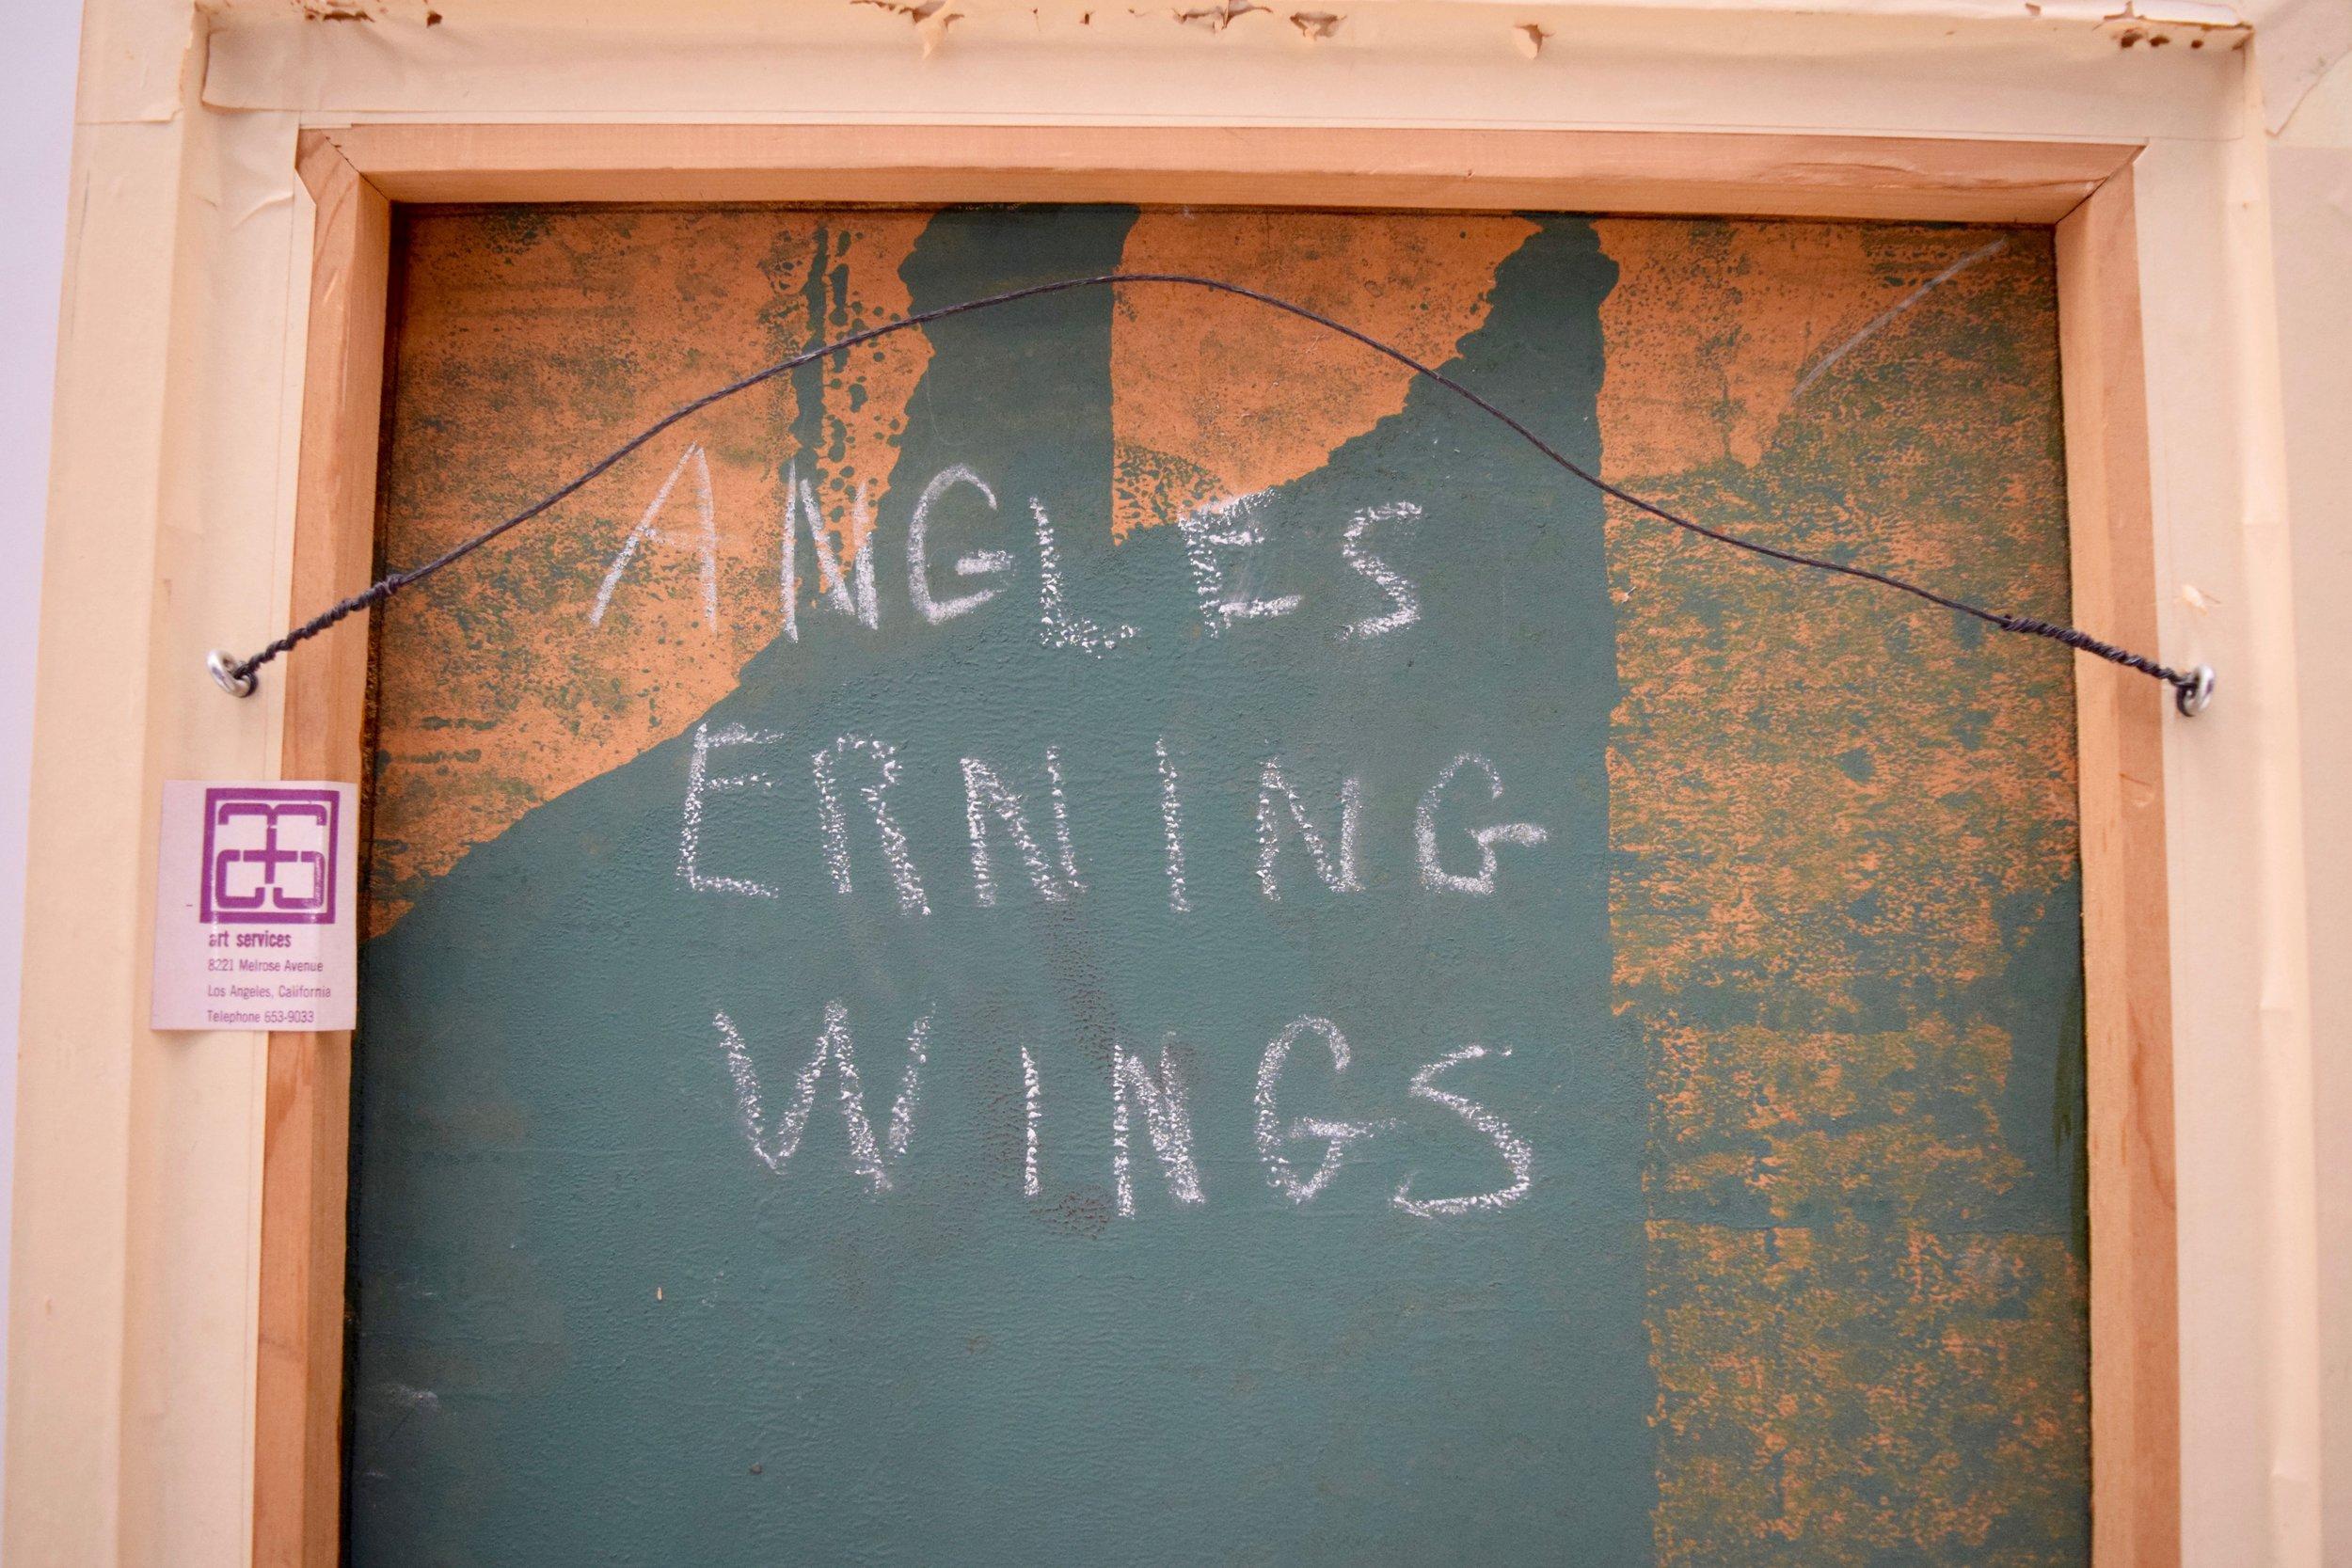 %22Angles Erning Wings,%22 Jon Serl, BACK.jpg